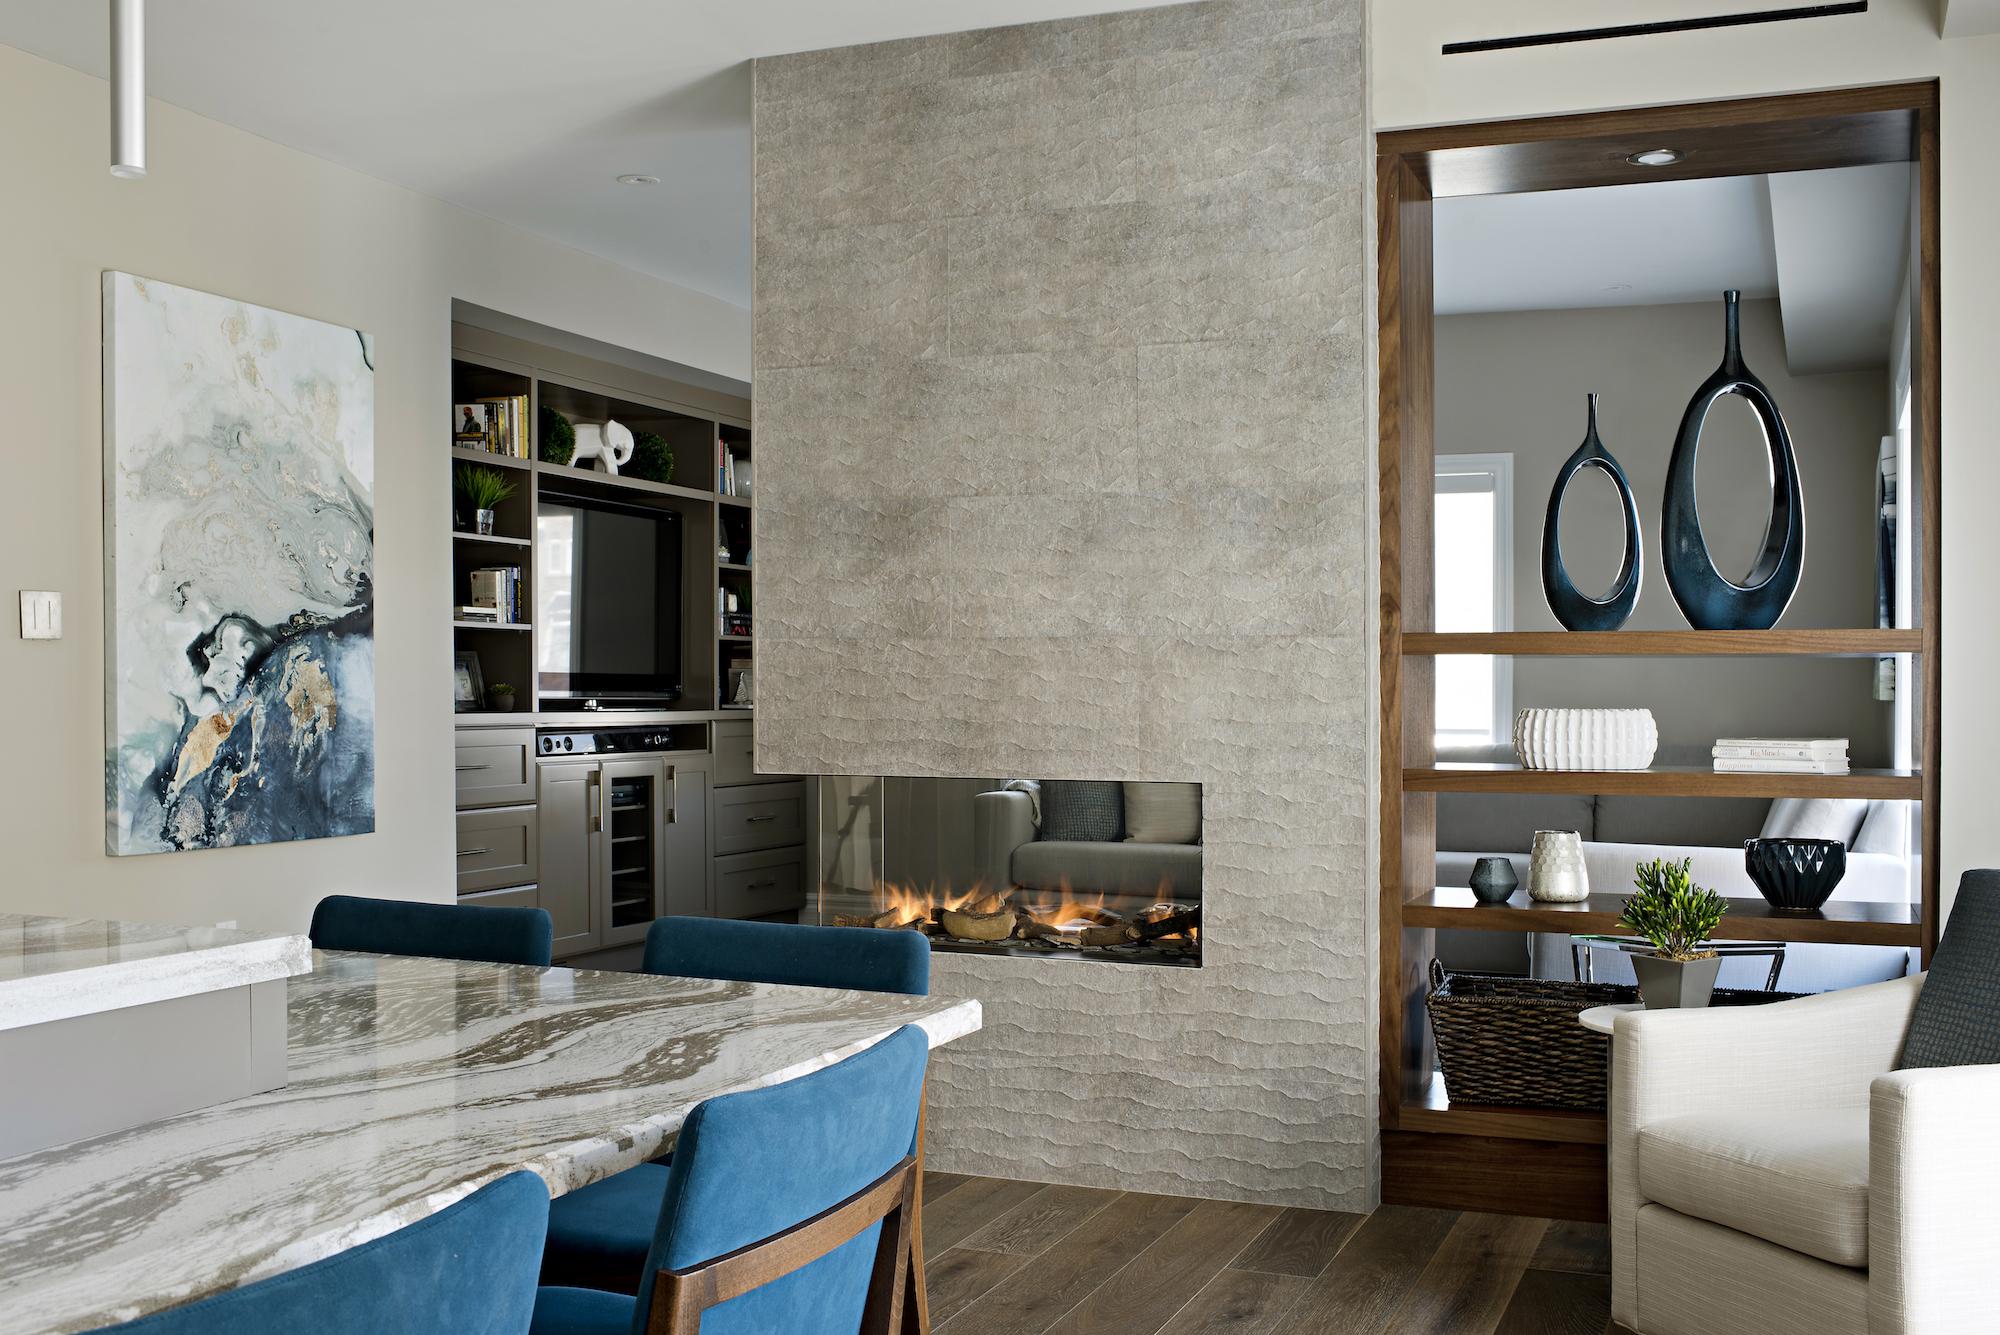 3 Kitchen - Living Room.jpg